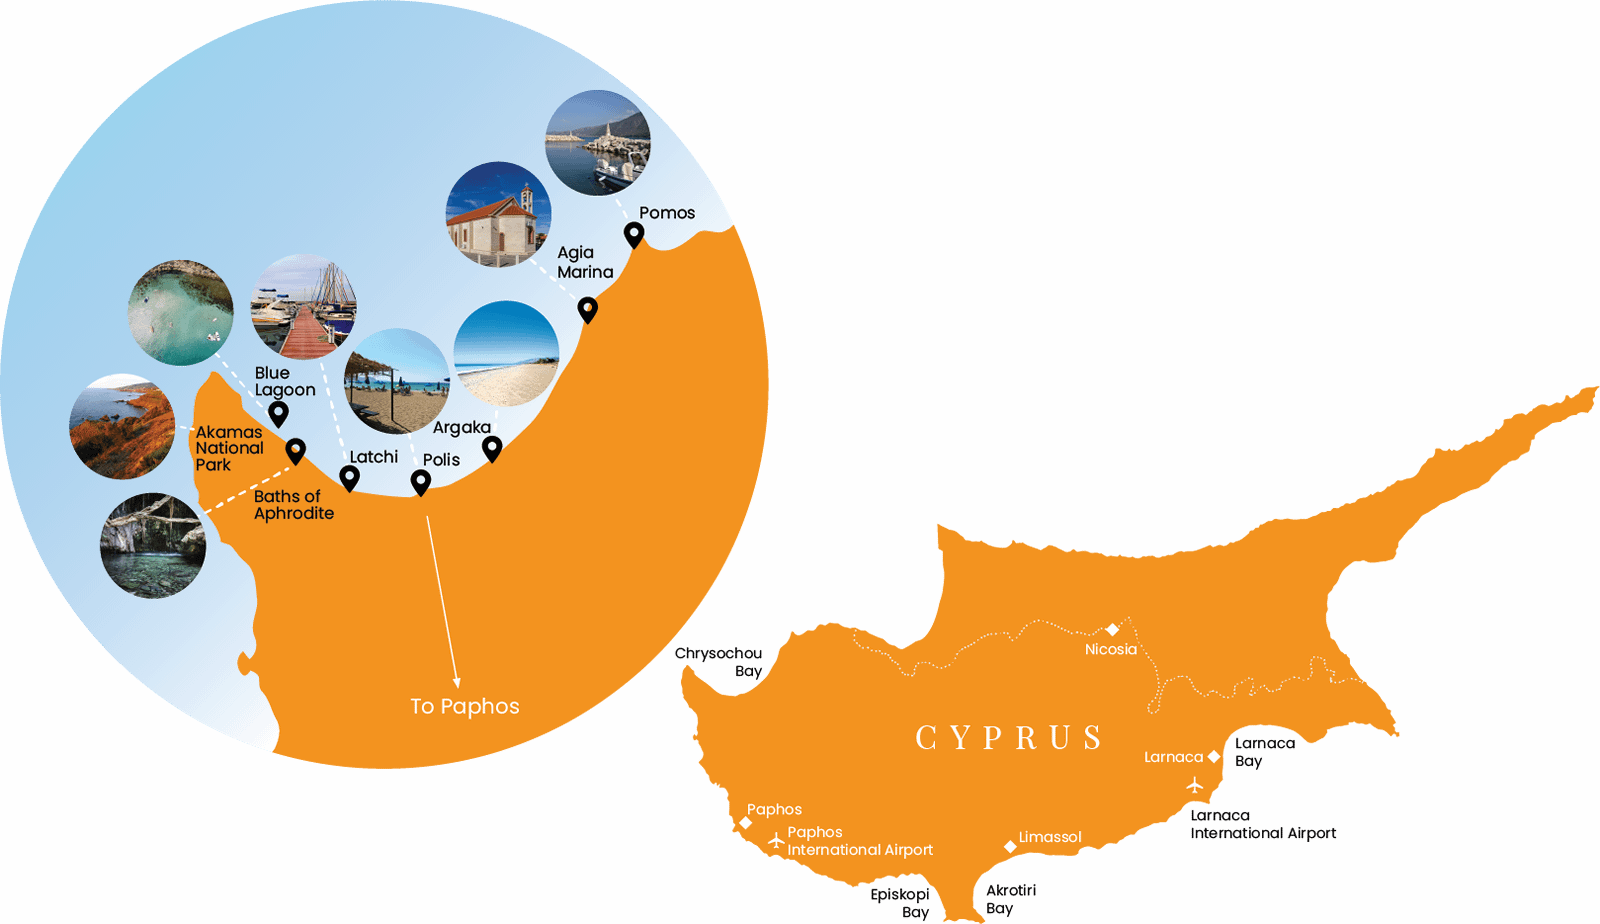 Polis Chrysochous Map | Polis Tourism